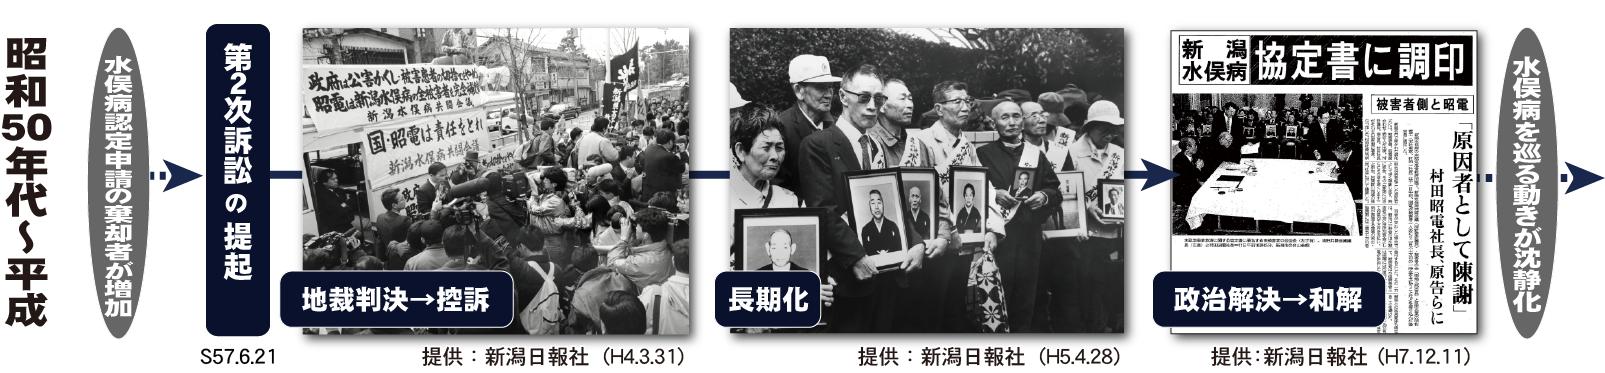 昭和50年代から平成にかけての裁判闘争 ~ 新潟水俣病・第2次訴訟